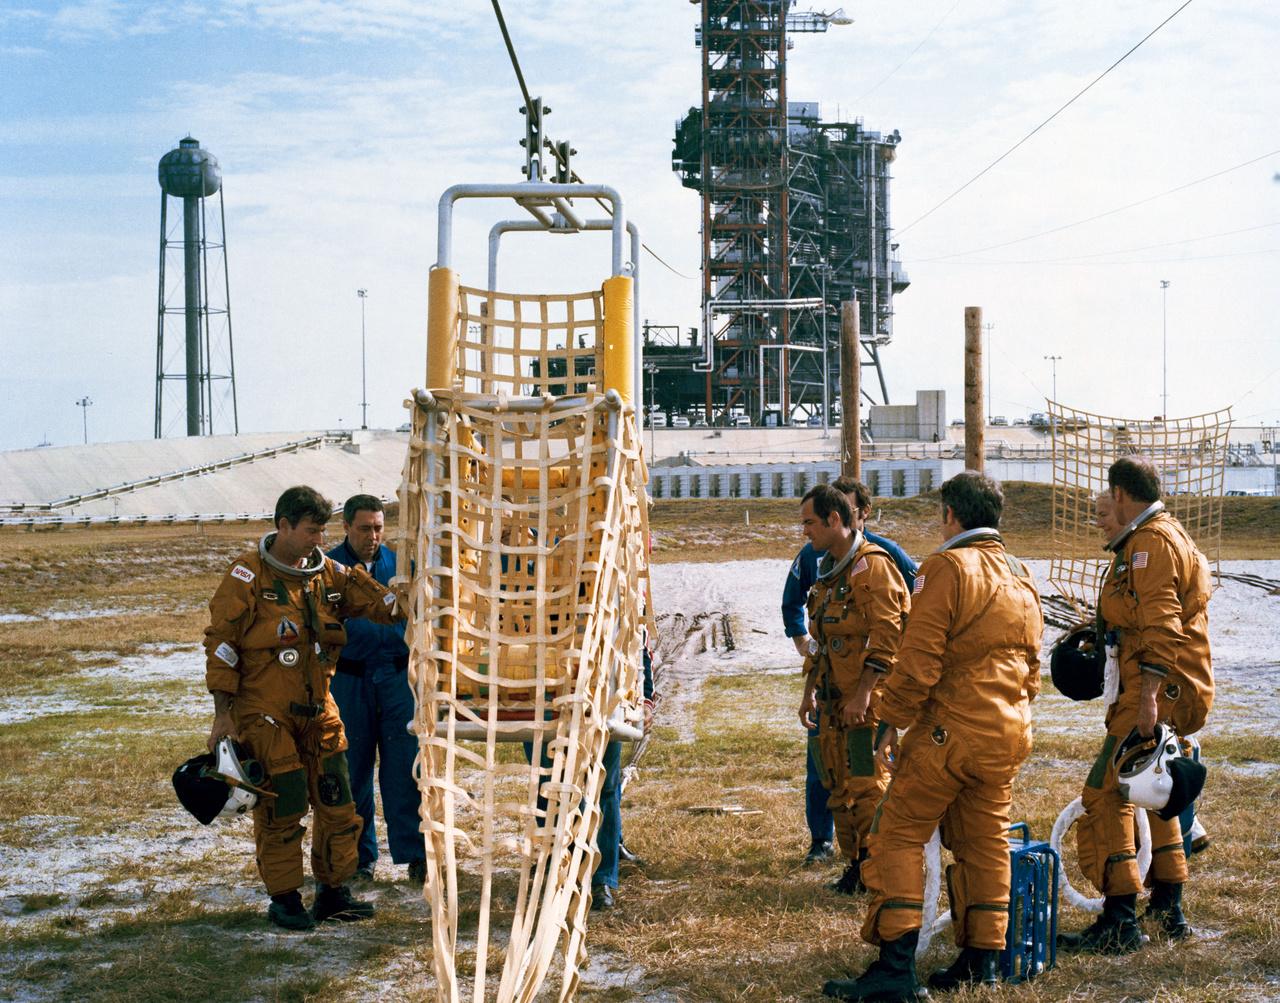 1981. március. A NASA űrhajósai (John W. Young, Robert L. Crippen, Joe H. Engle, és Richard H. Truly) a startállás csúszódrótos mentőrendszerével ismerkednek. Baj esetén az űrhajósok a képen látható kosarakba szállva menekültek volna a startállásról.